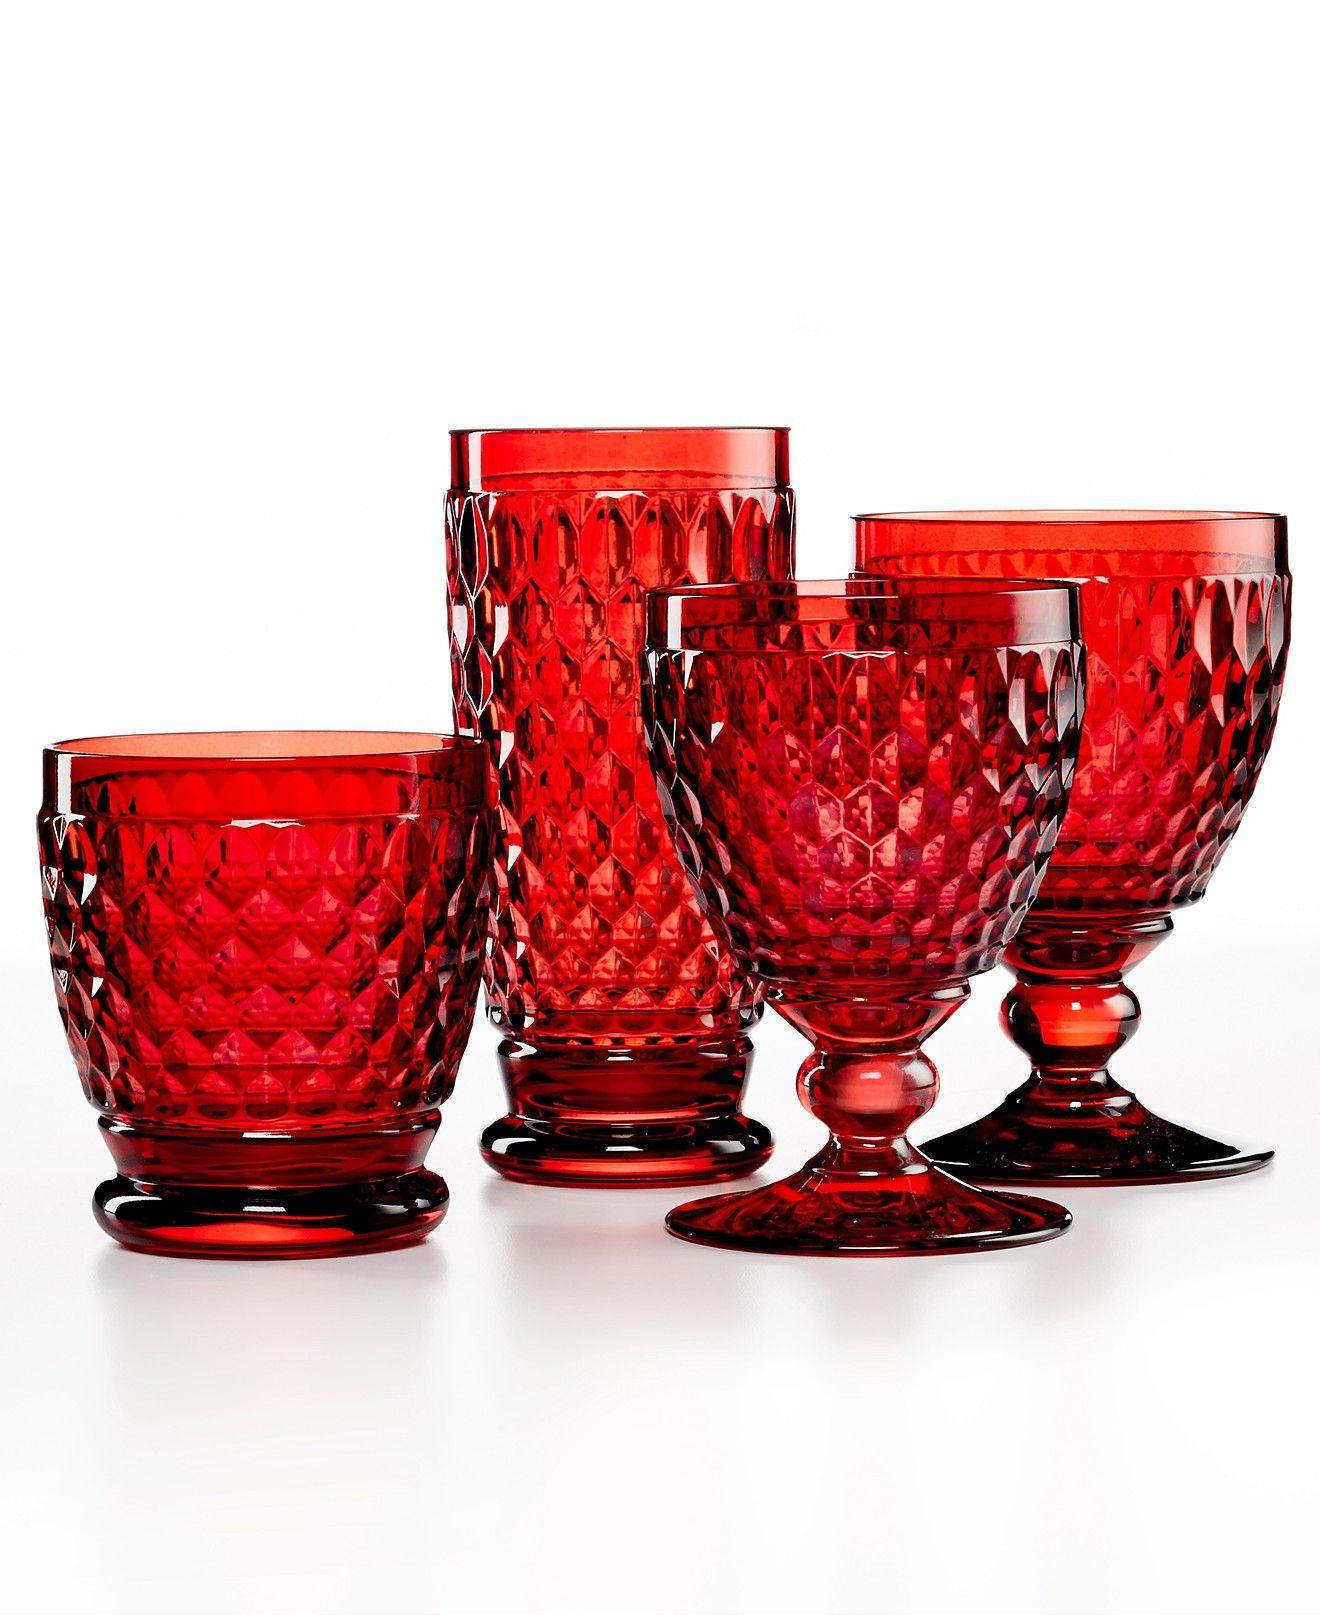 Villeroy Boch Drinkware Boston Collection Reviews Glassware Drinkware Dining Macy S Glassware Villeroy Boch Colored Glassware